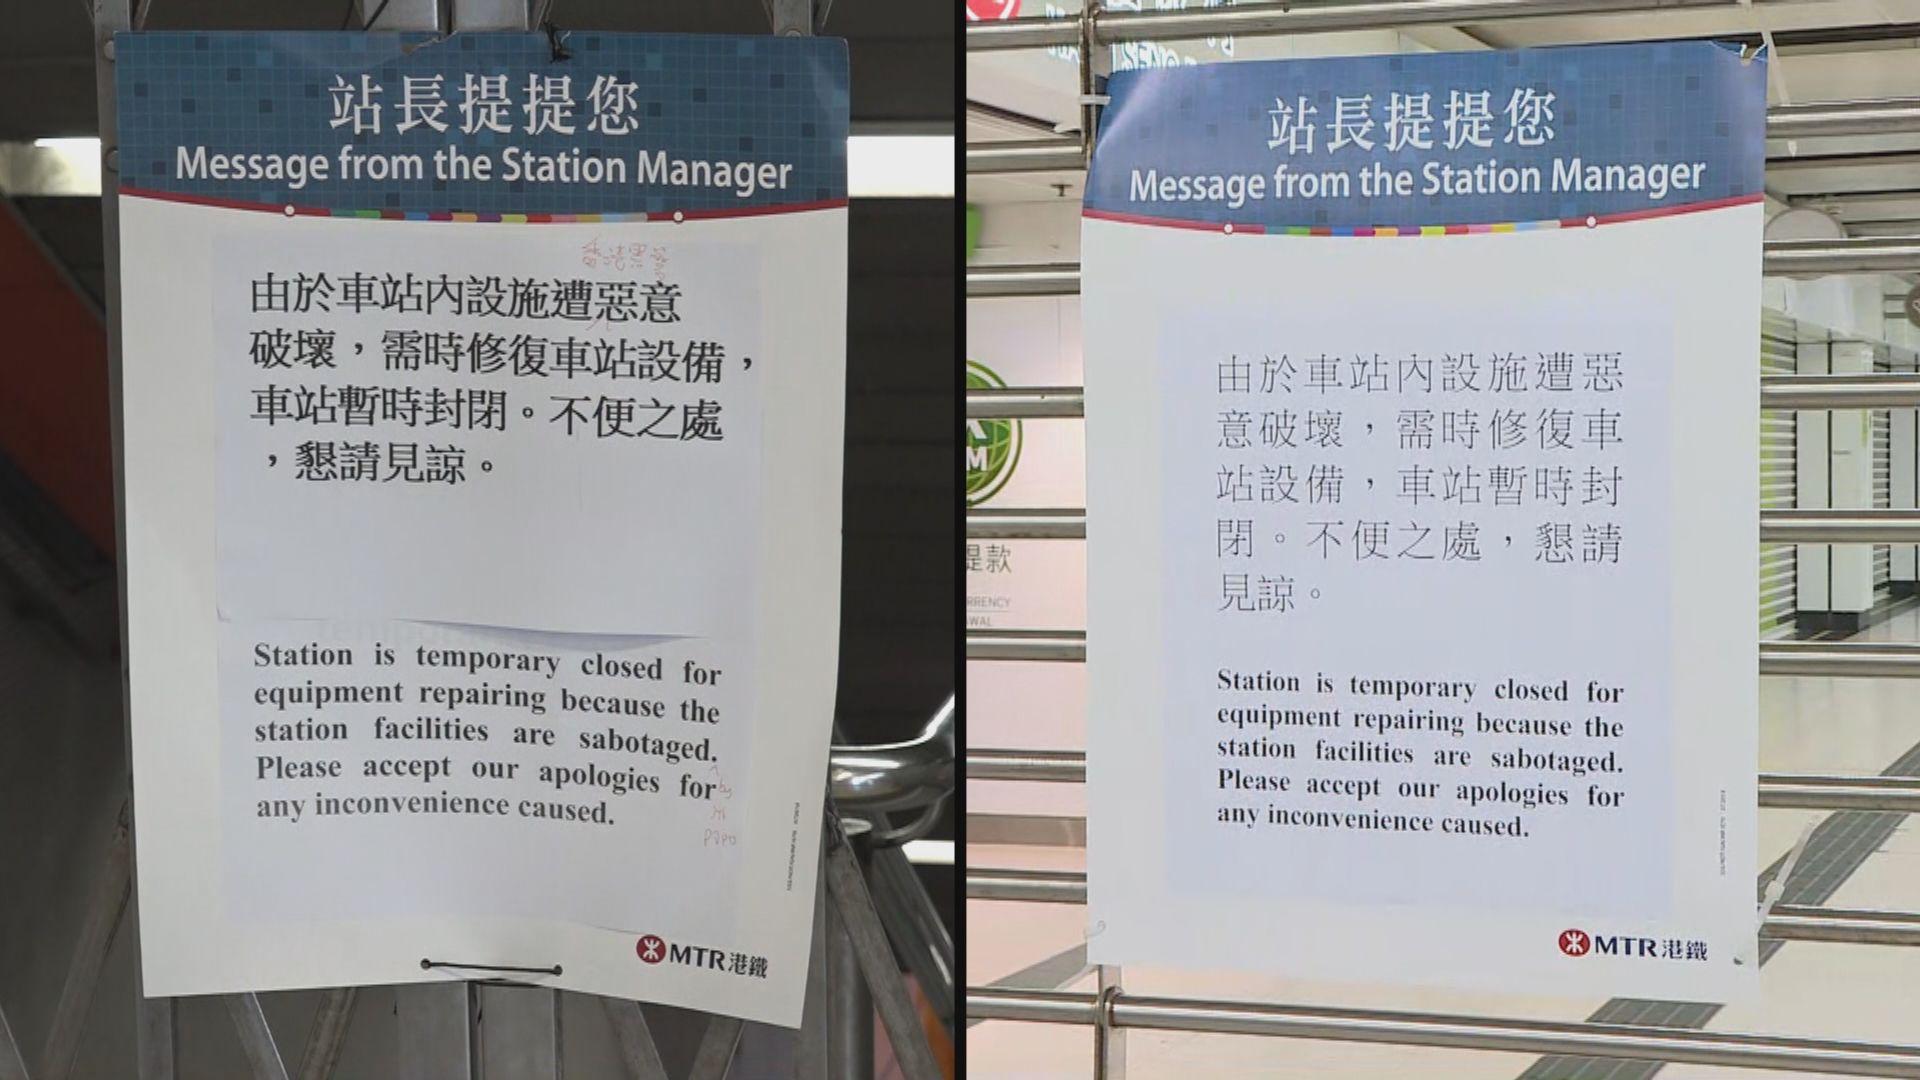 港鐵三站關閉 乘客指安排不便